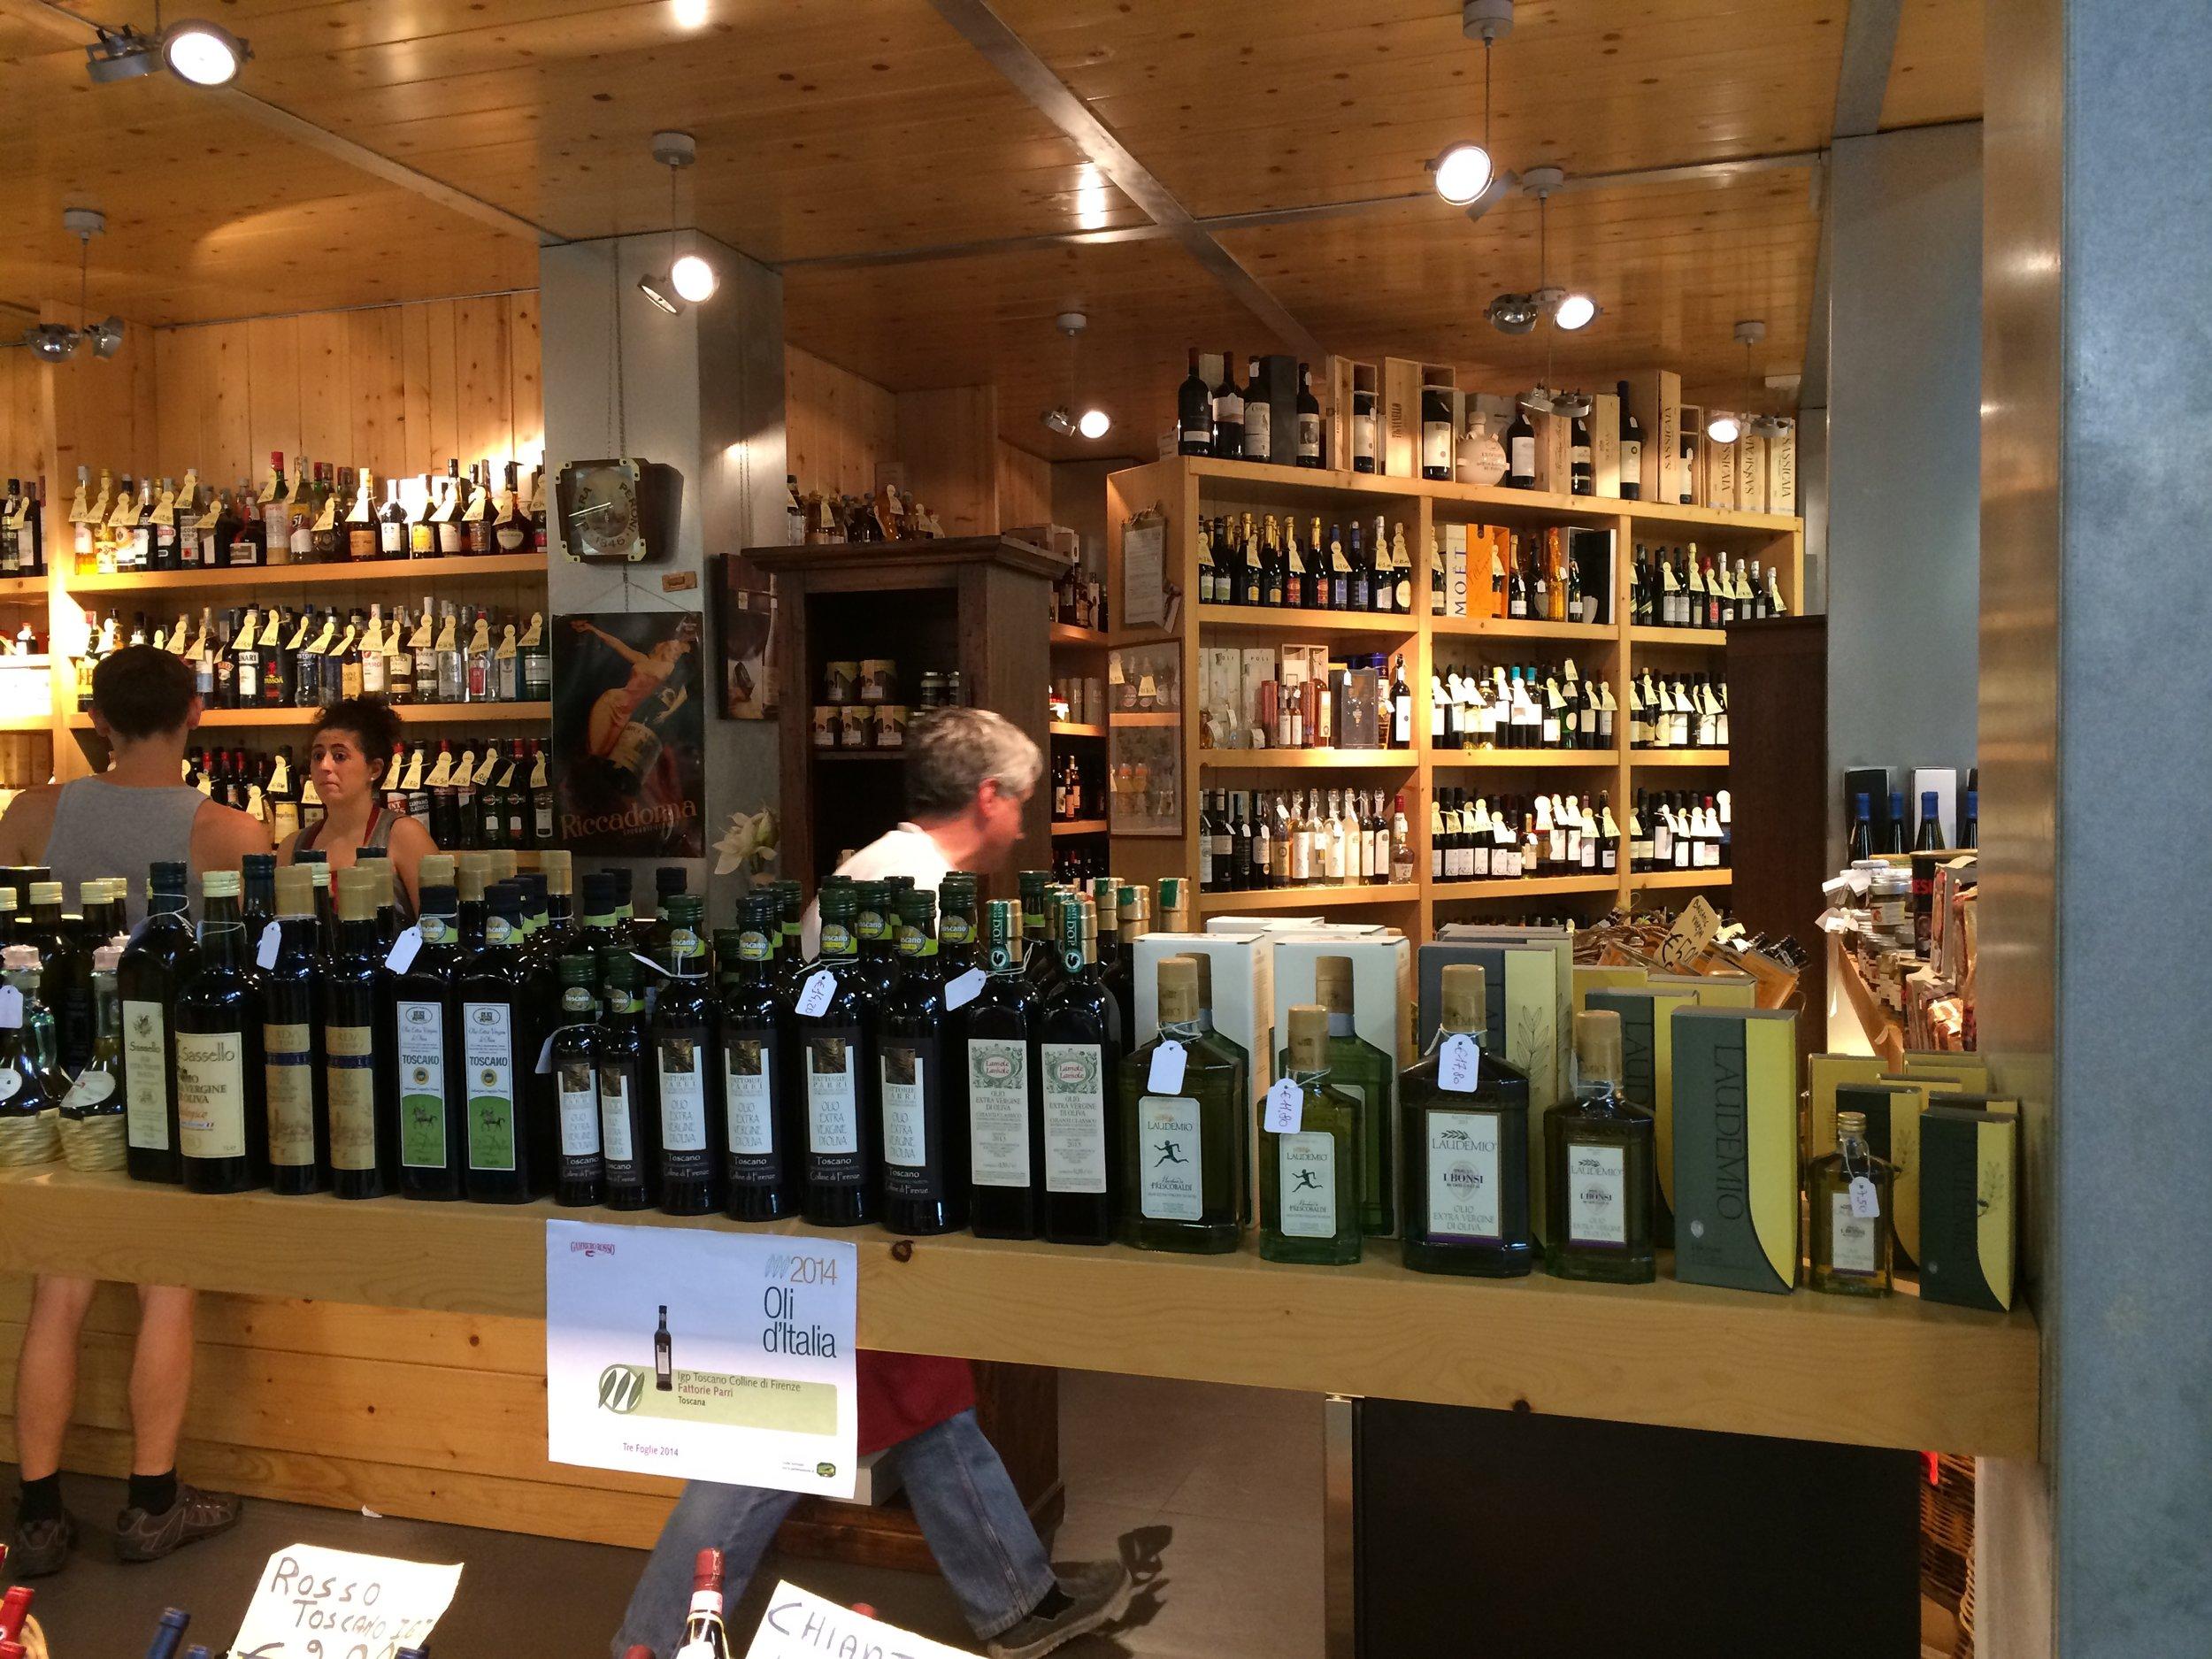 a171 Mercato Centrale wine.jpg